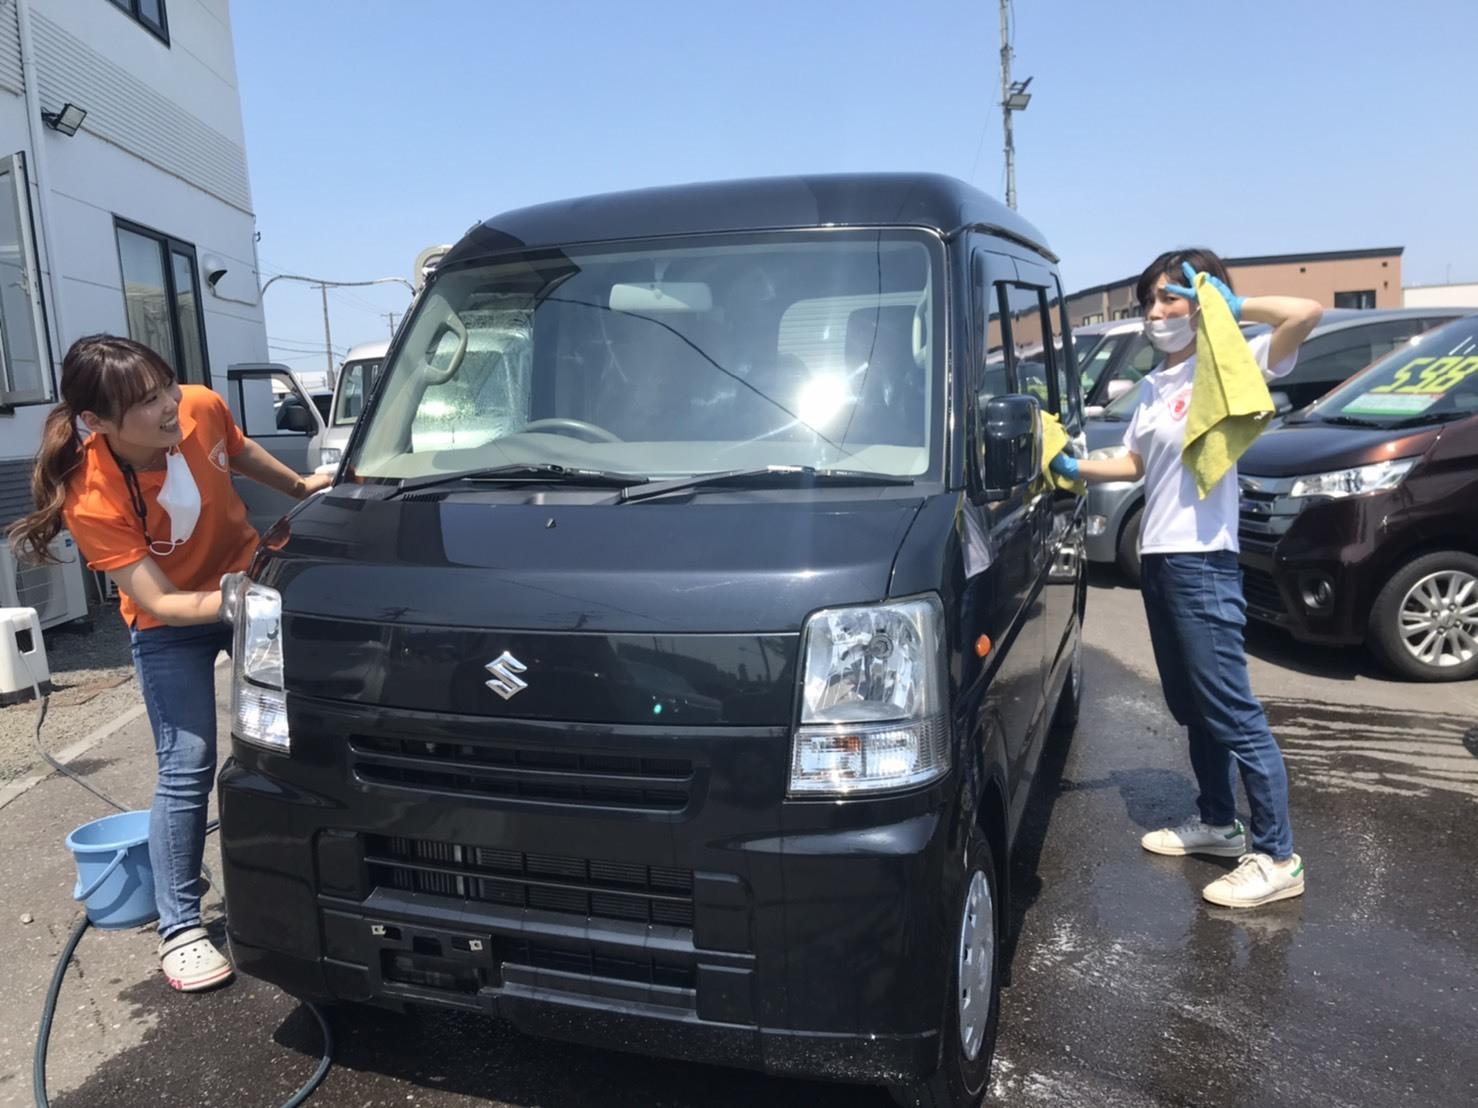 6月10日(木) 本店ブログ☆ メルセデス・ベンツ AMG C63あります‼ランクル ハマー エスカレード TOMMY☆_b0127002_16353607.jpg